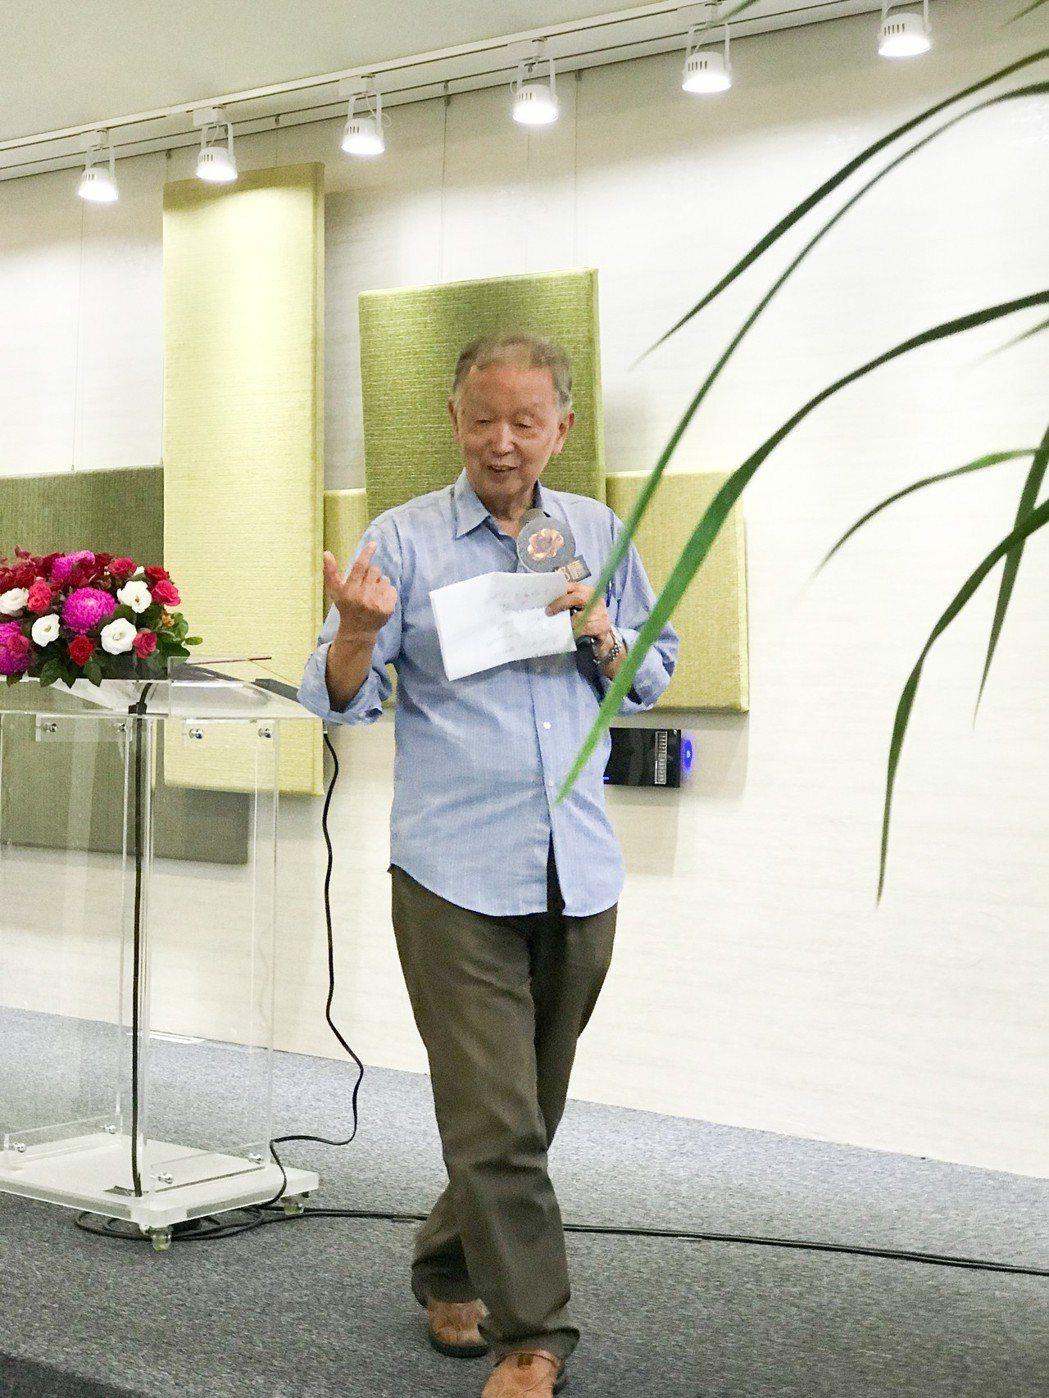 清大名譽教授李家同說,在課堂上很會發問,且追根究底的學生在若干年後證實都有相當好...